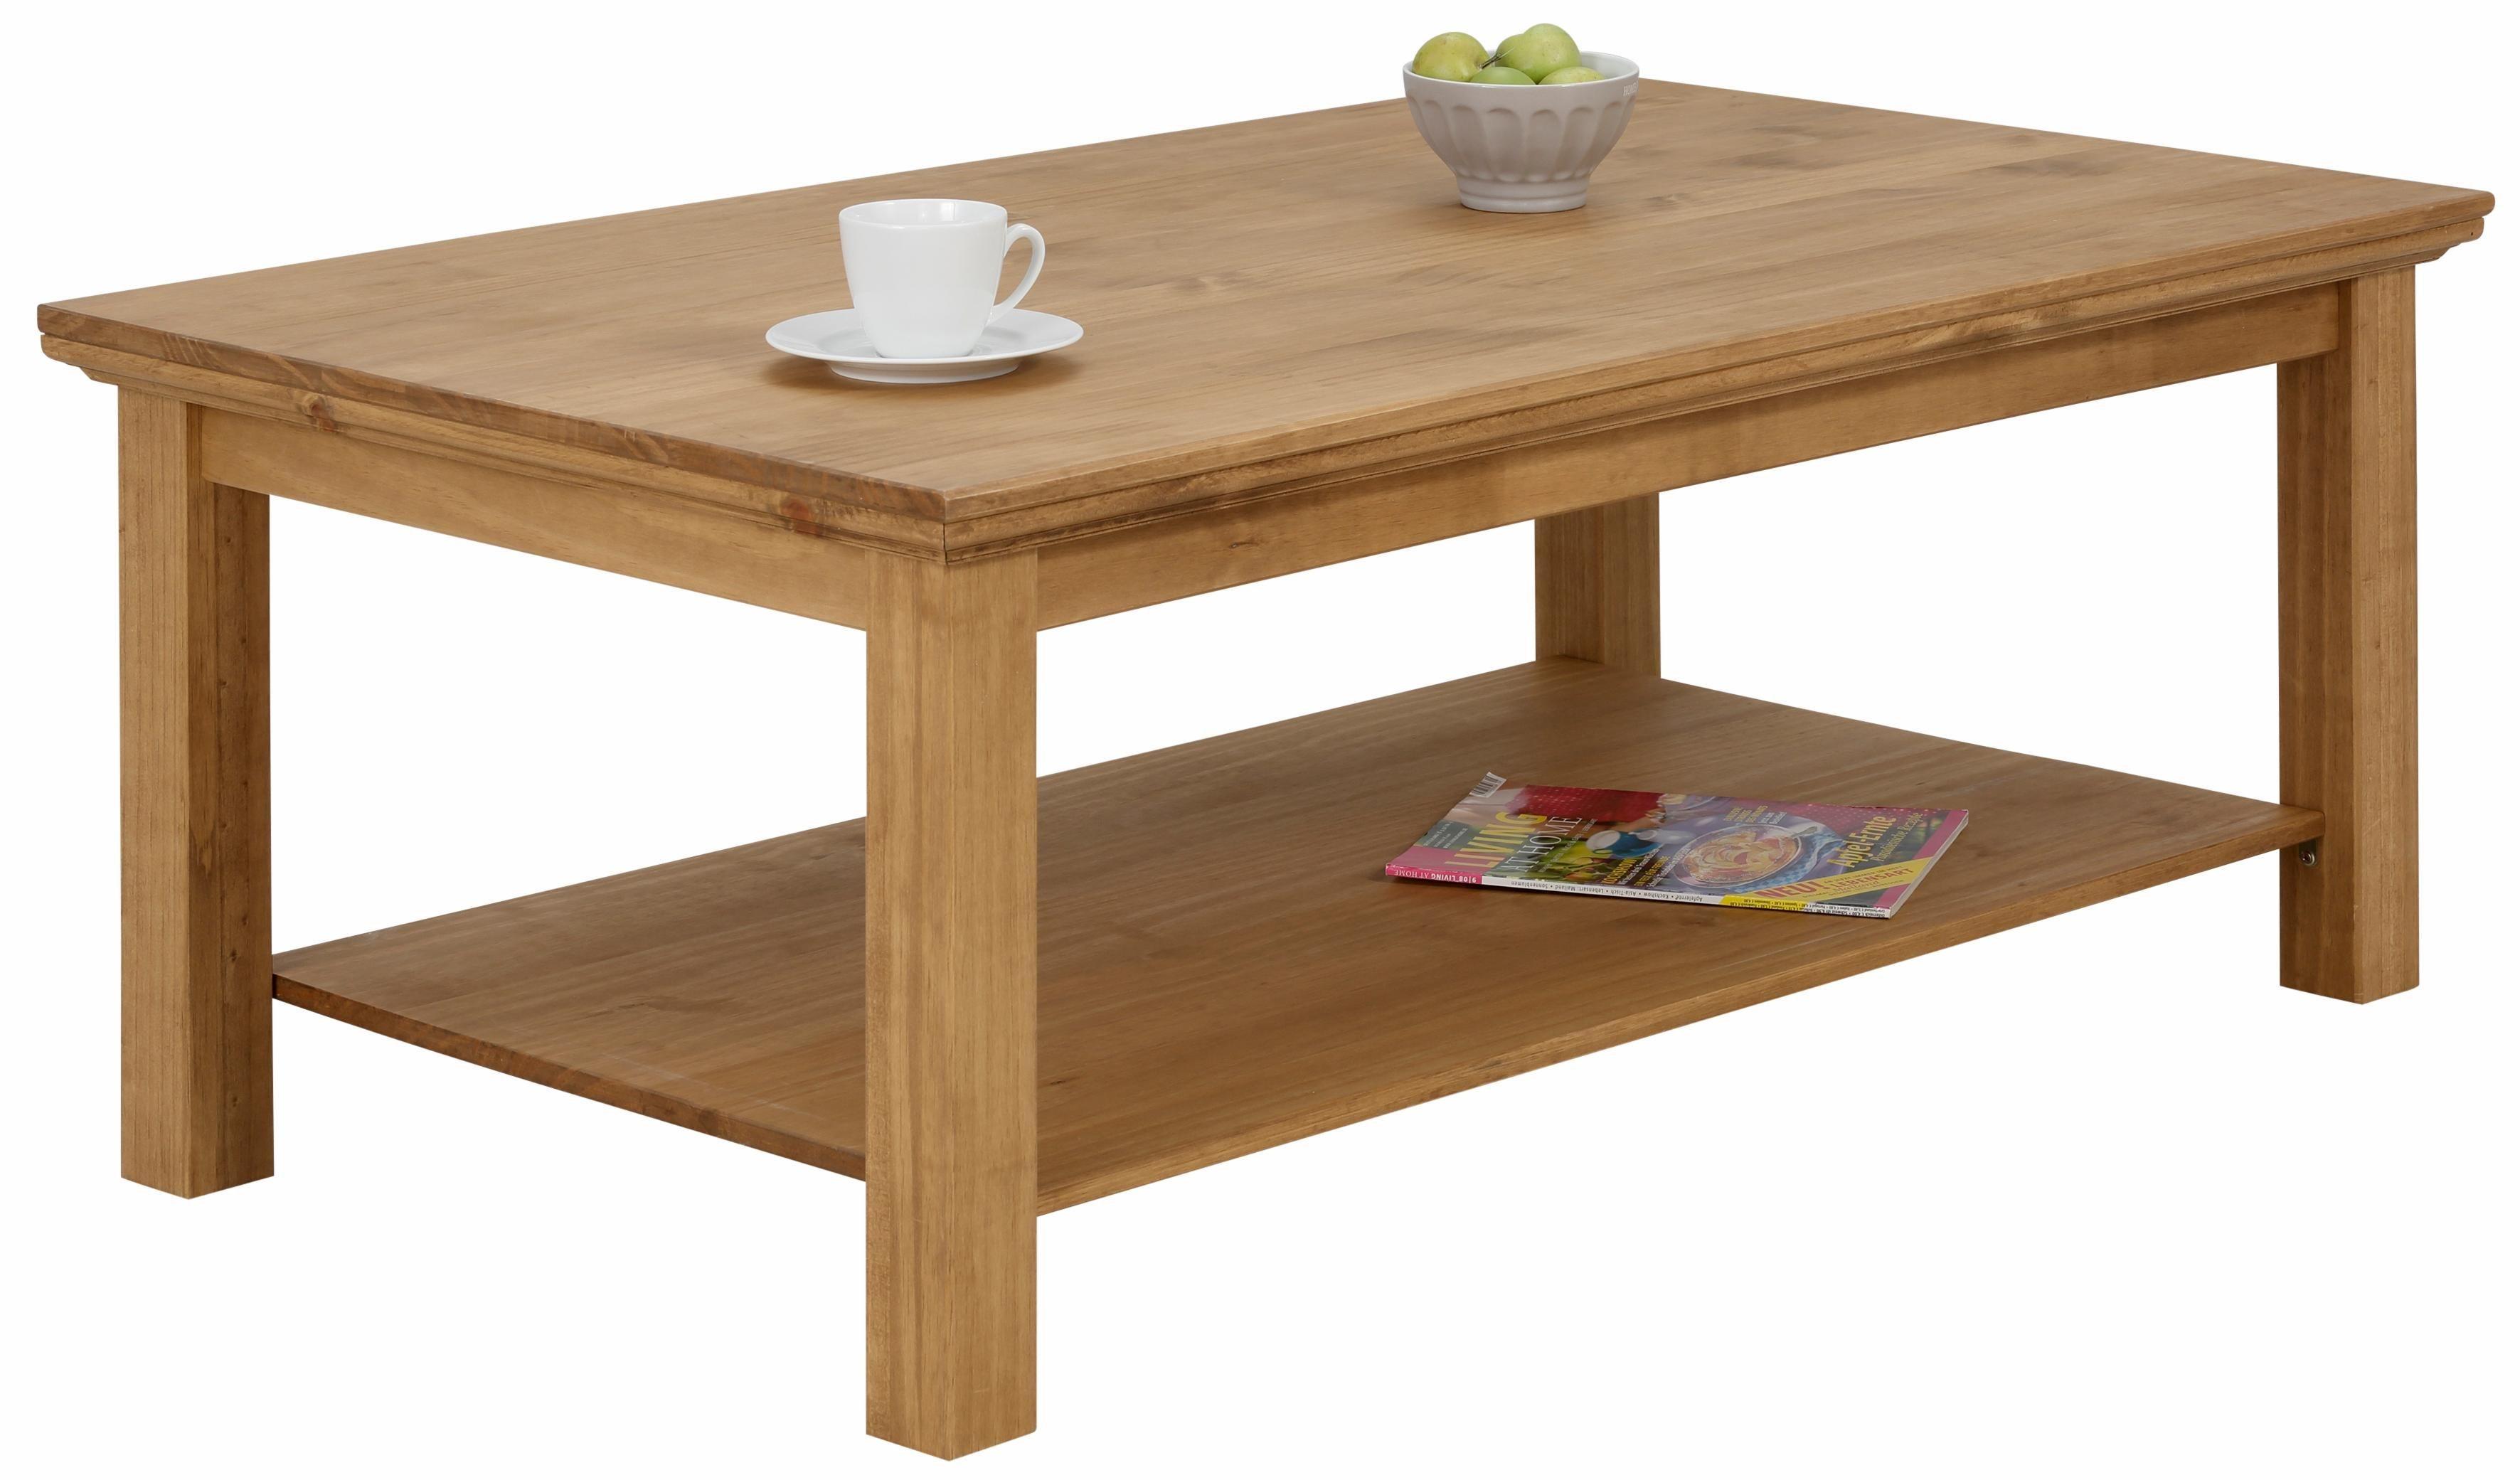 Couchtisch »Melissa«, Breite 120 cm | Wohnzimmer > Tische > Couchtische | Glanz | Holz | Home affaire